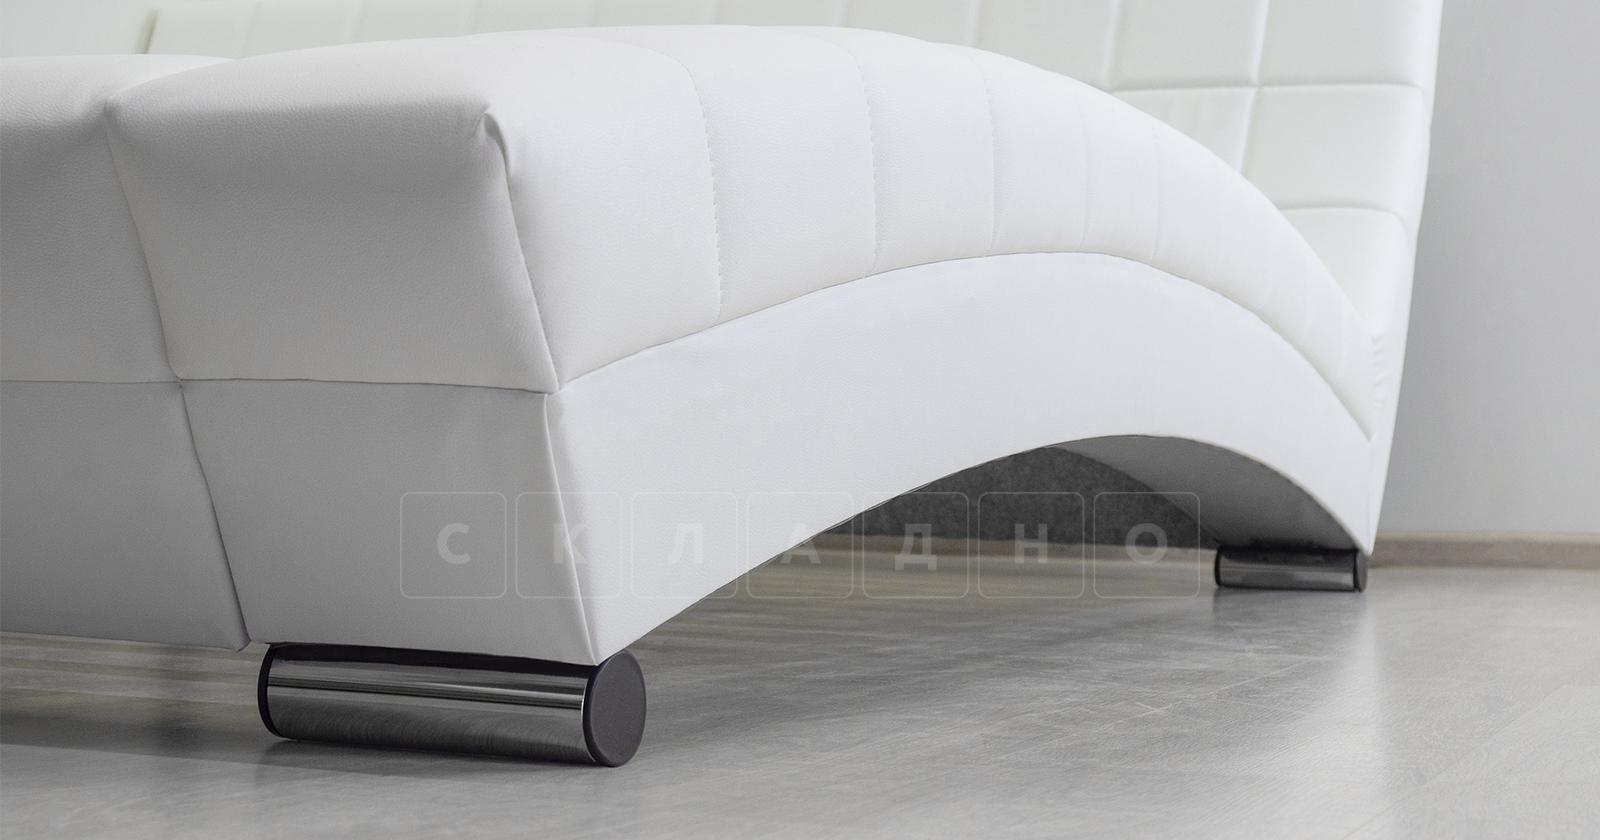 Мягкая кровать Оливия 160 см экокожа белый фото 7 | интернет-магазин Складно